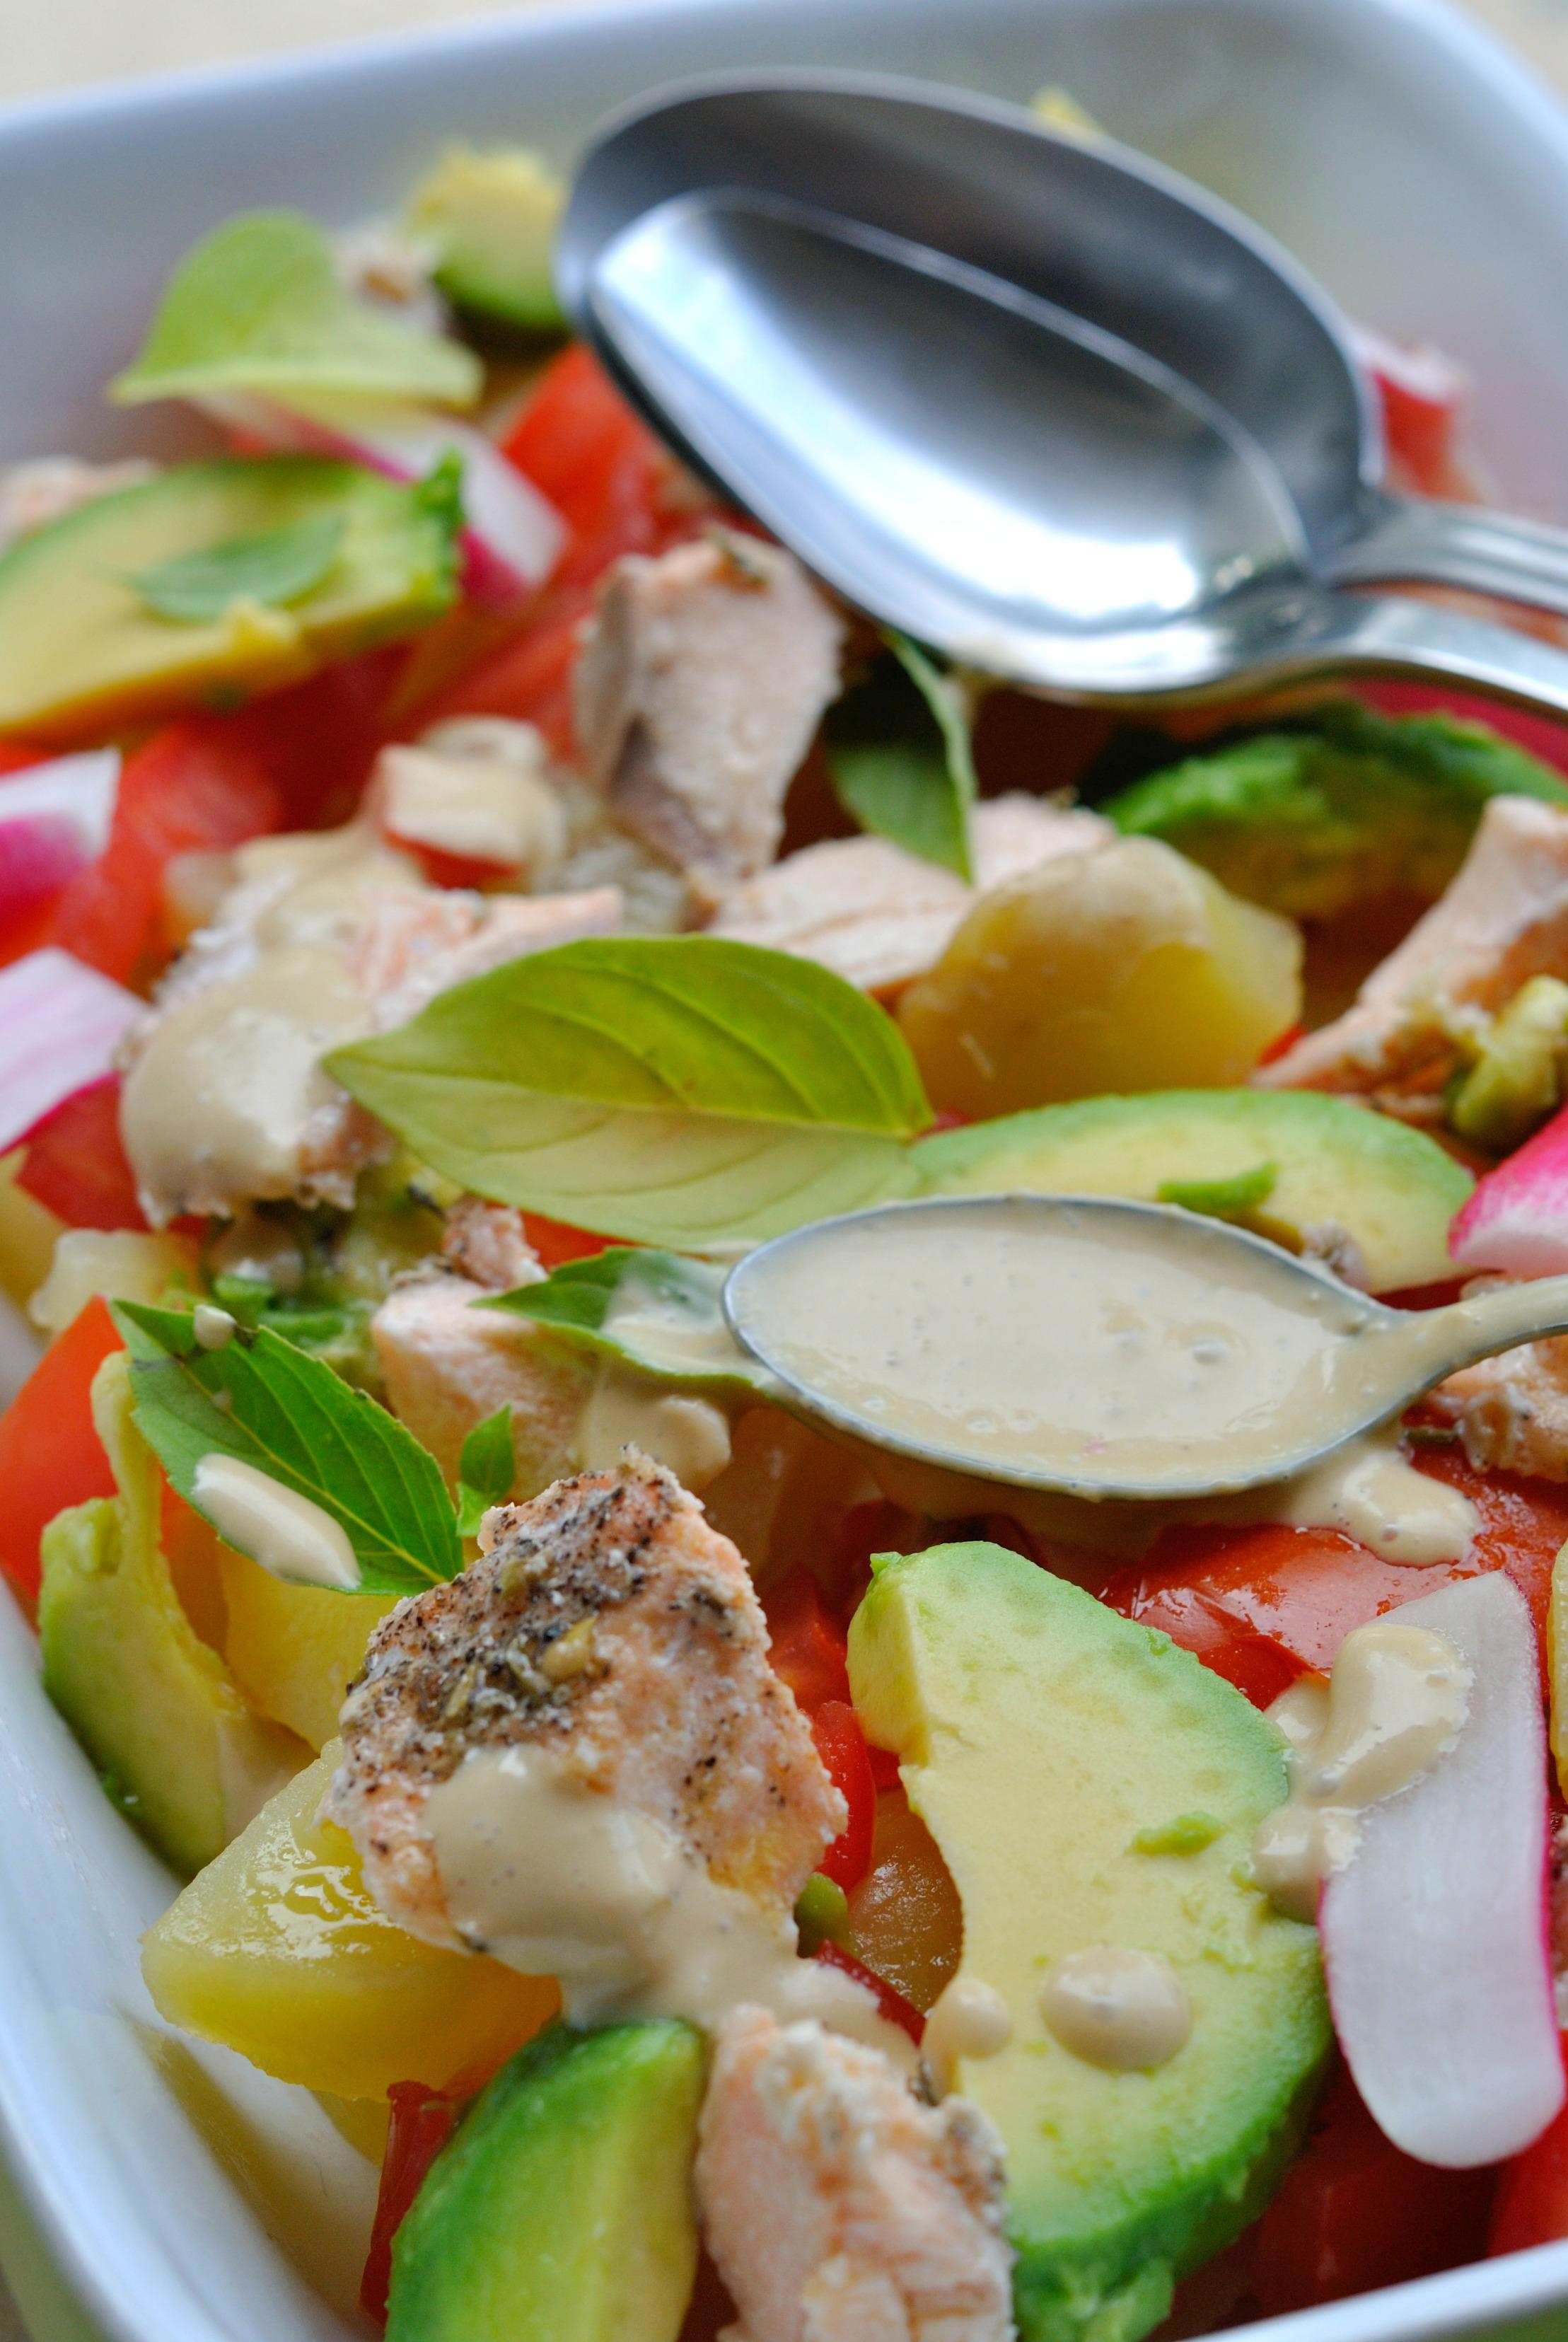 Salade de pomme de terre saumon cuit radis avocat et tomates vinaigrette cr meuse sans mayo - Mayonnaise sans vinaigre ...